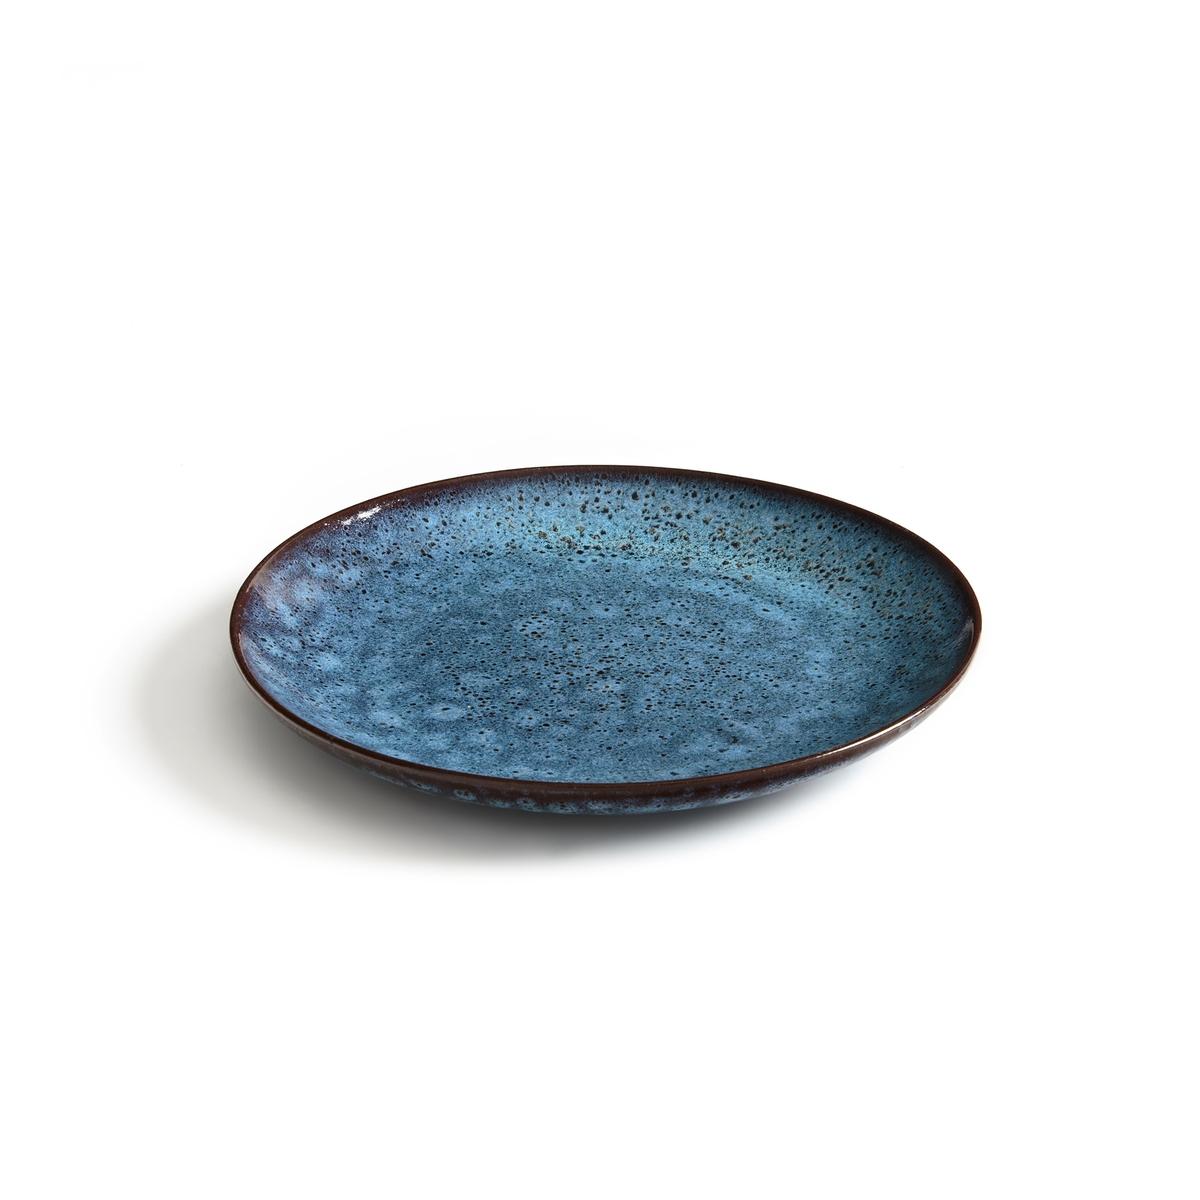 Комплект из 4 десертных тарелок Pesgira комплект из 4 мелких тарелок из керамики olazhi